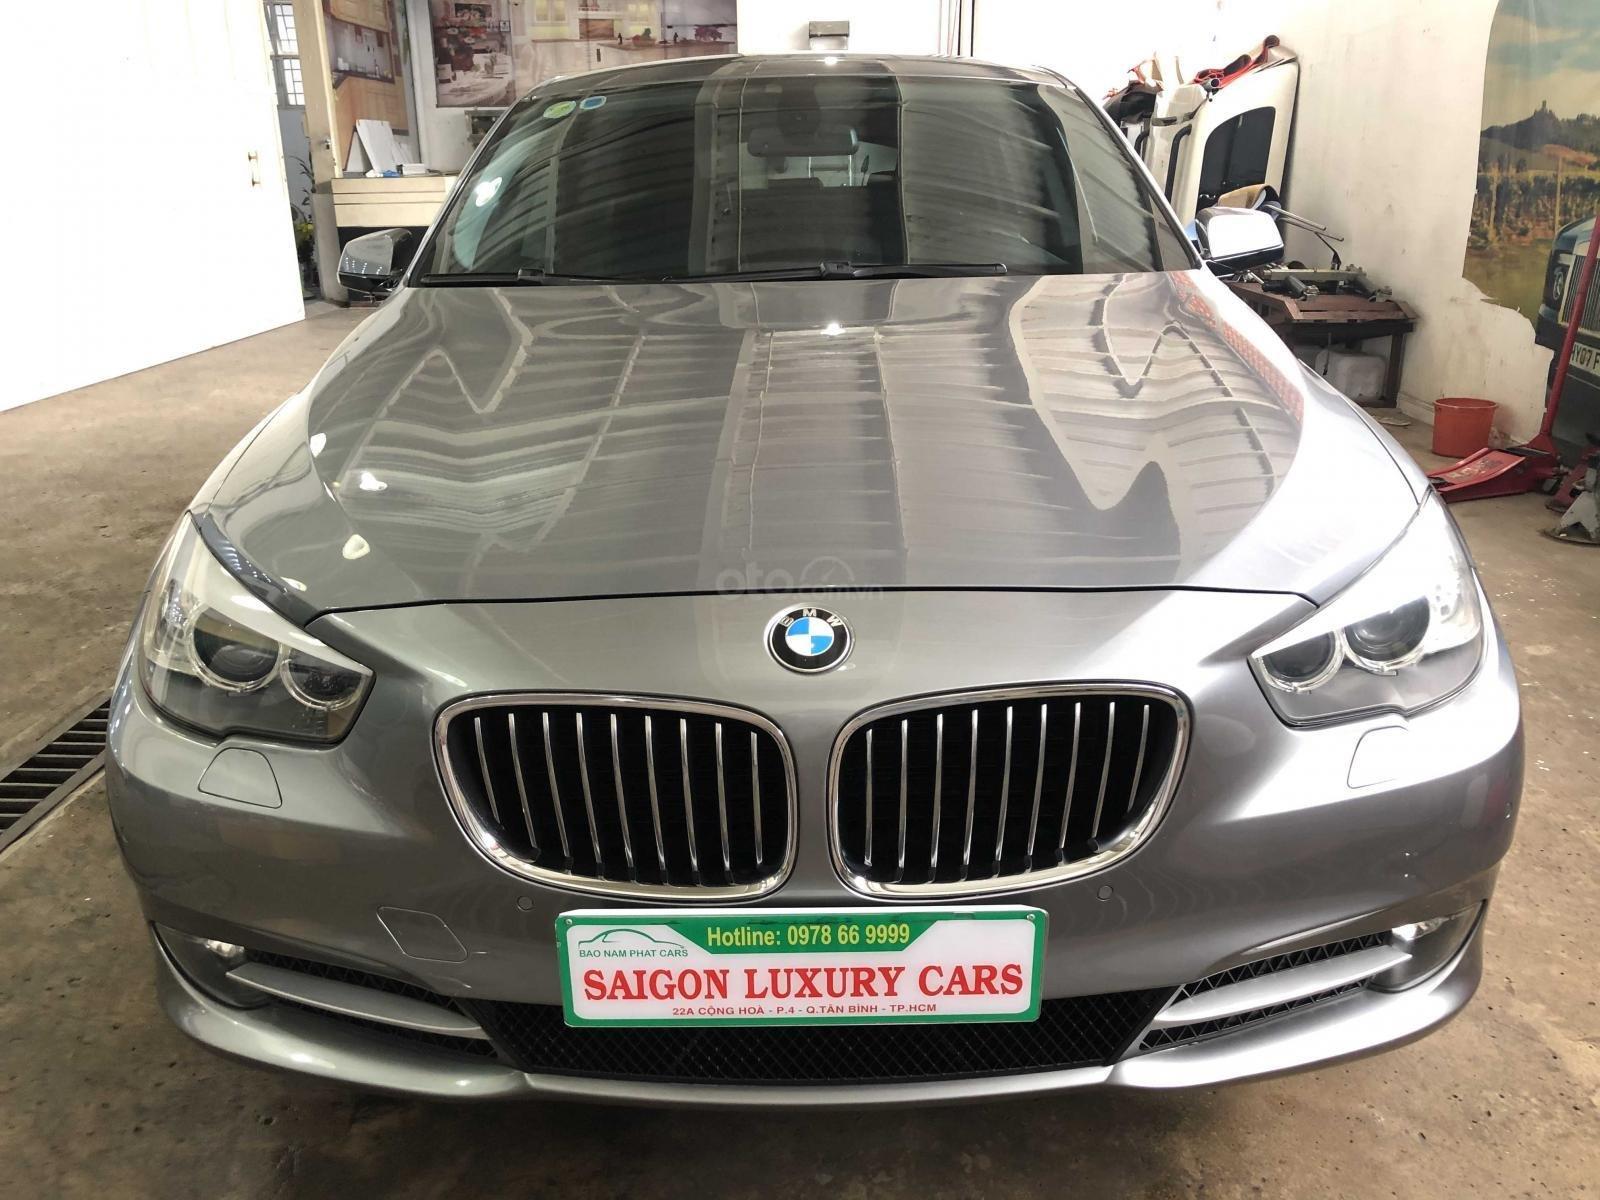 Cần bán BMW 535i GT SX 2010 siu mới (1)